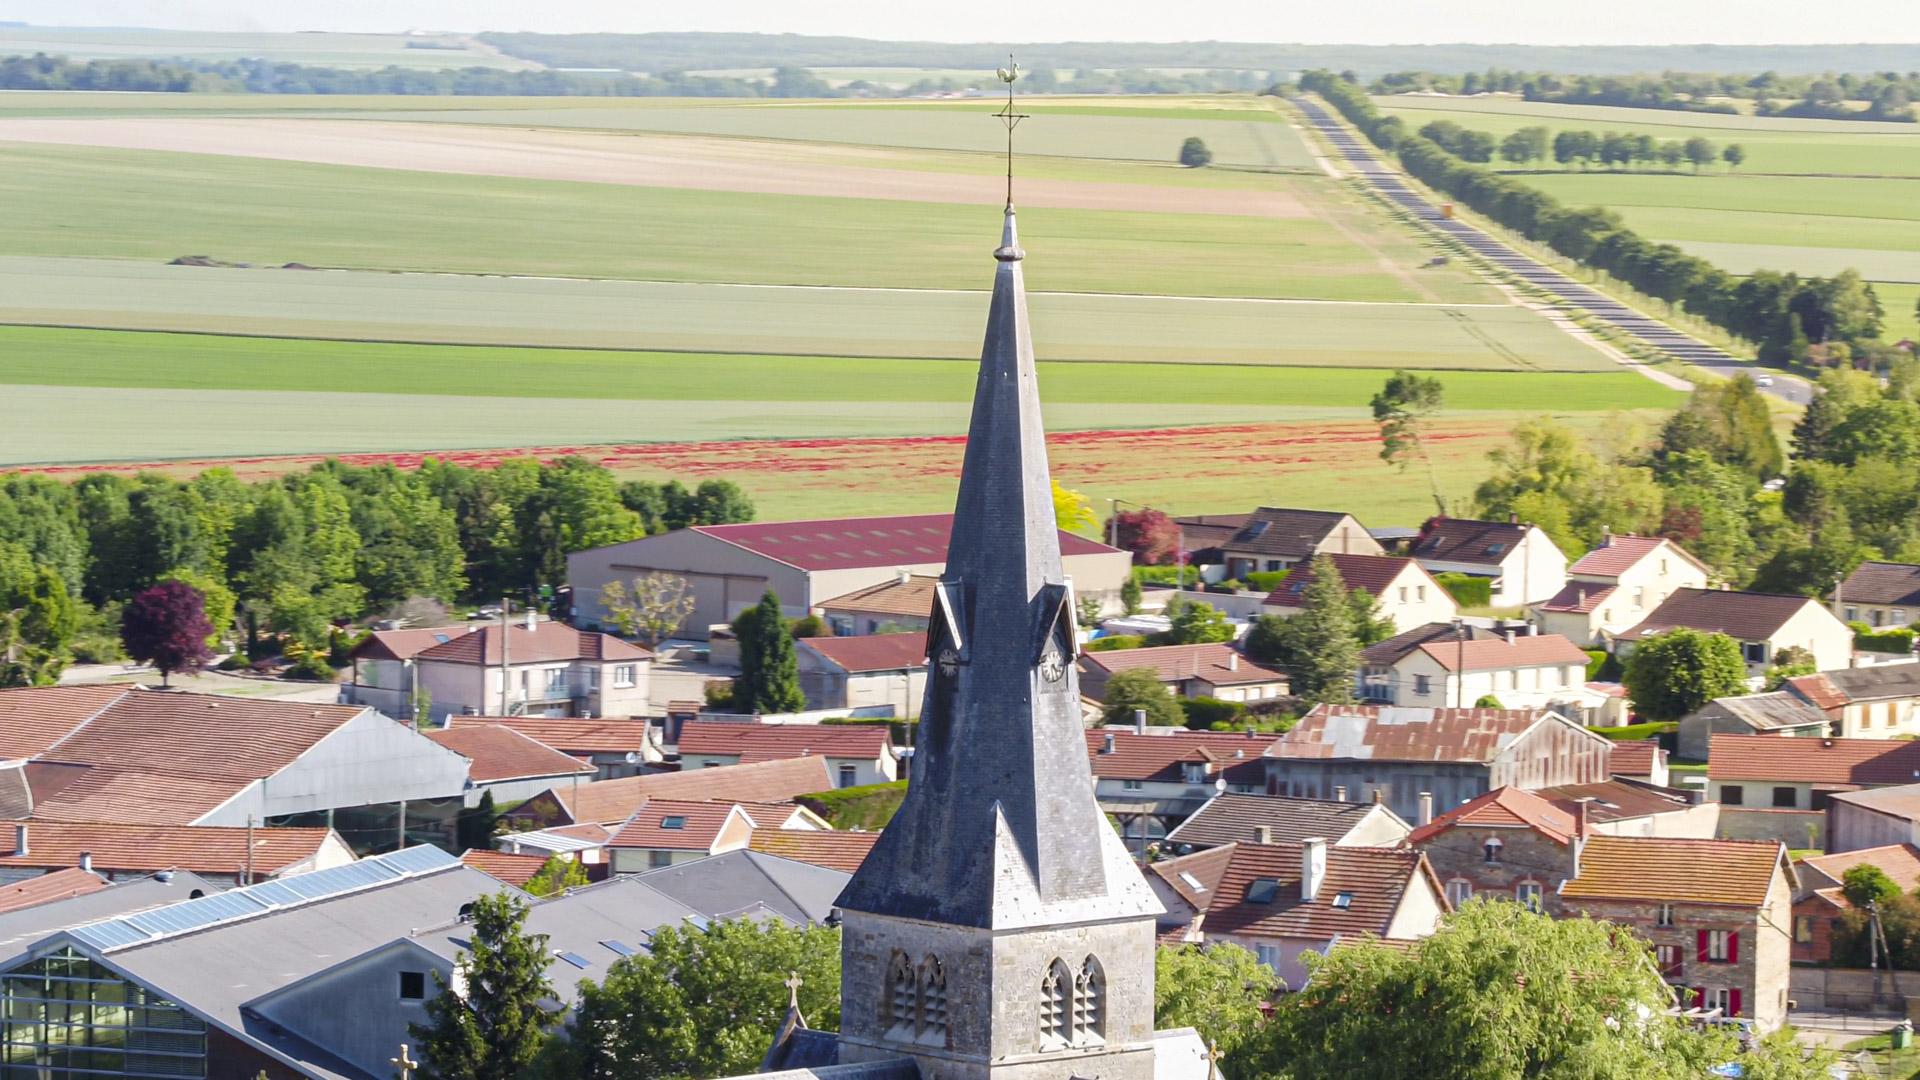 Suippes en image : l'Eglise Saint Martin